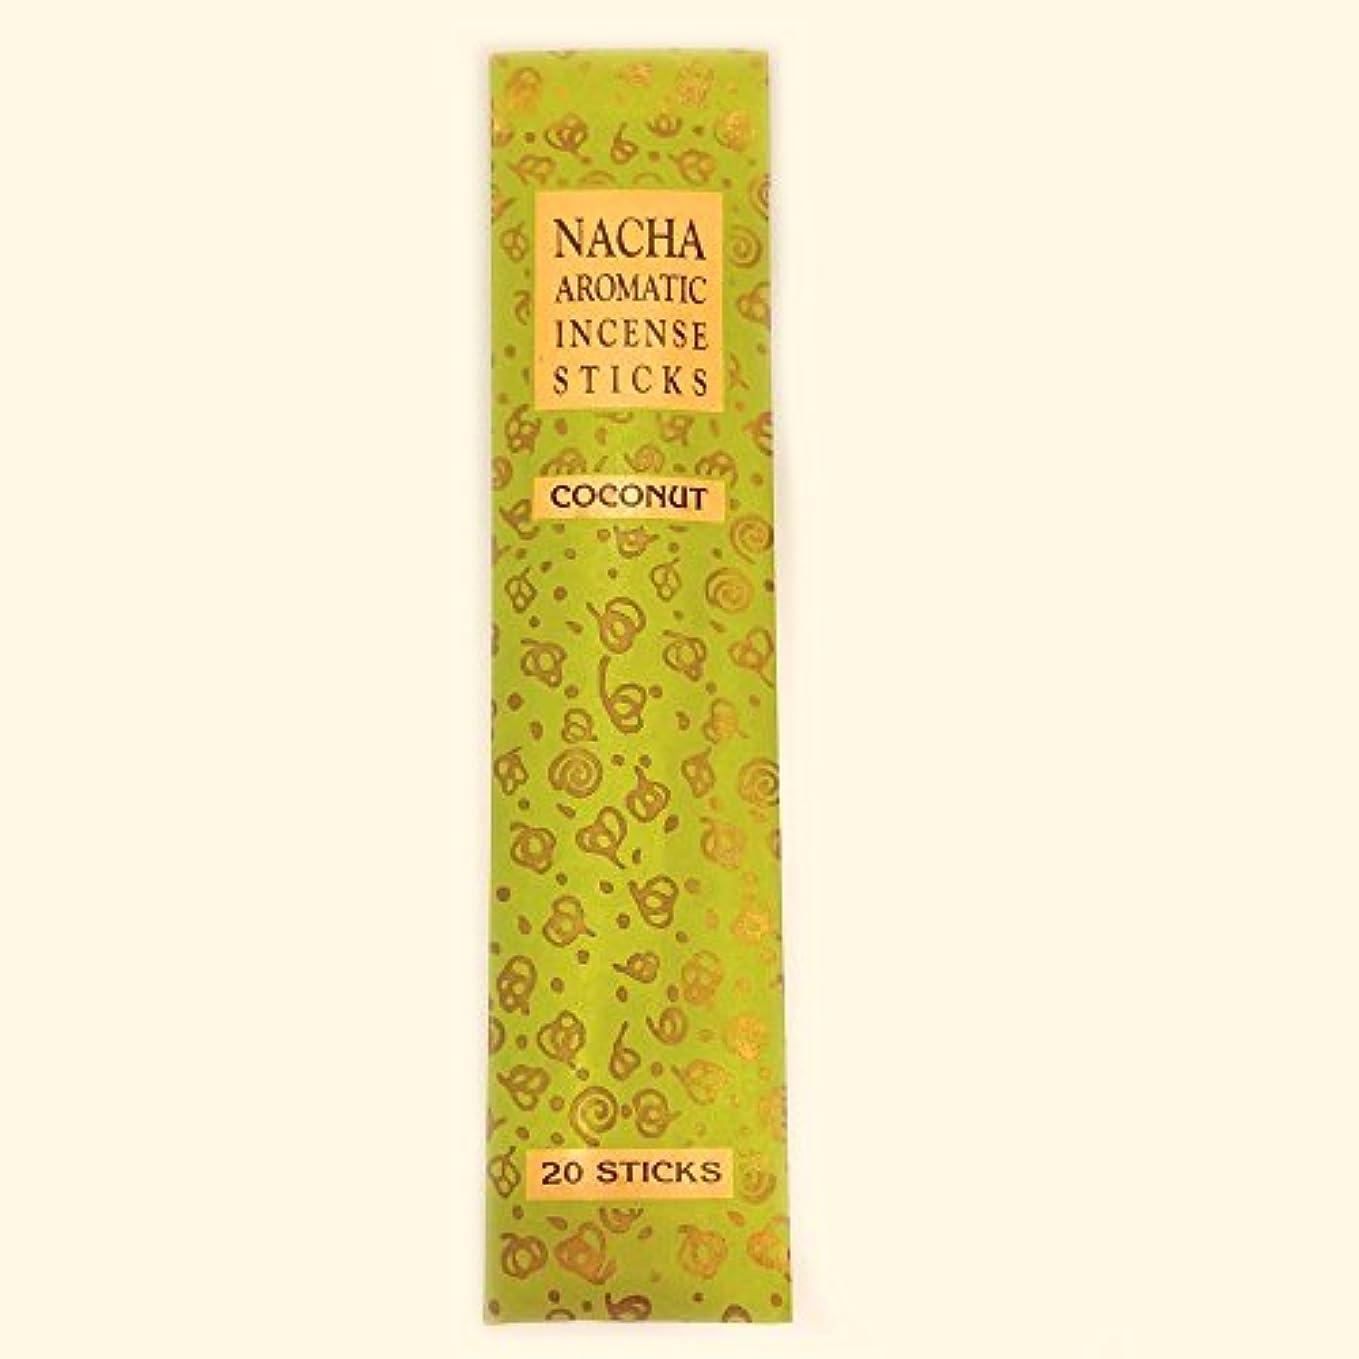 メタルラインアフリカ堂々たる【NACHA】NACHA NATURALS インセンス ココナッツ